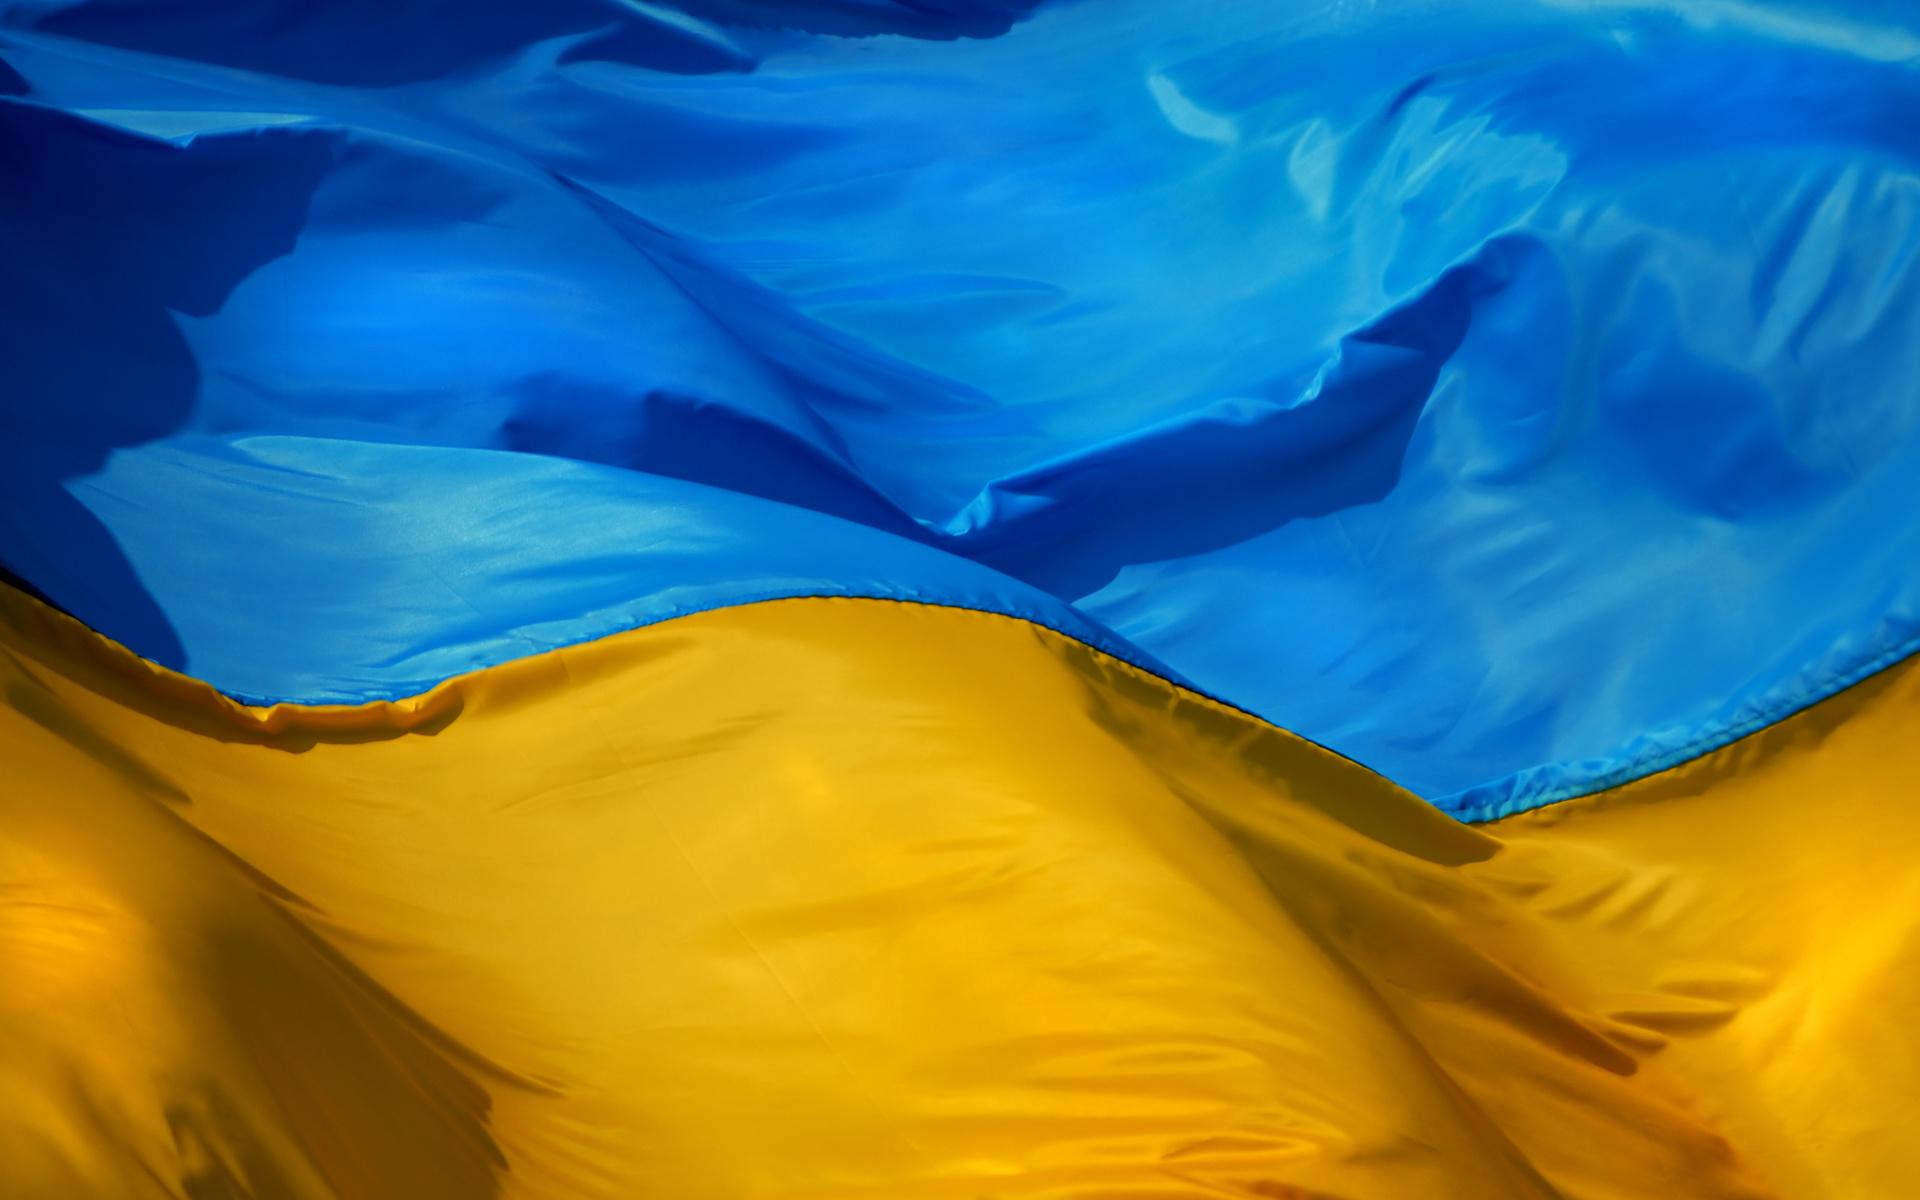 картинка на фоне украинского флага загляните соответствующую